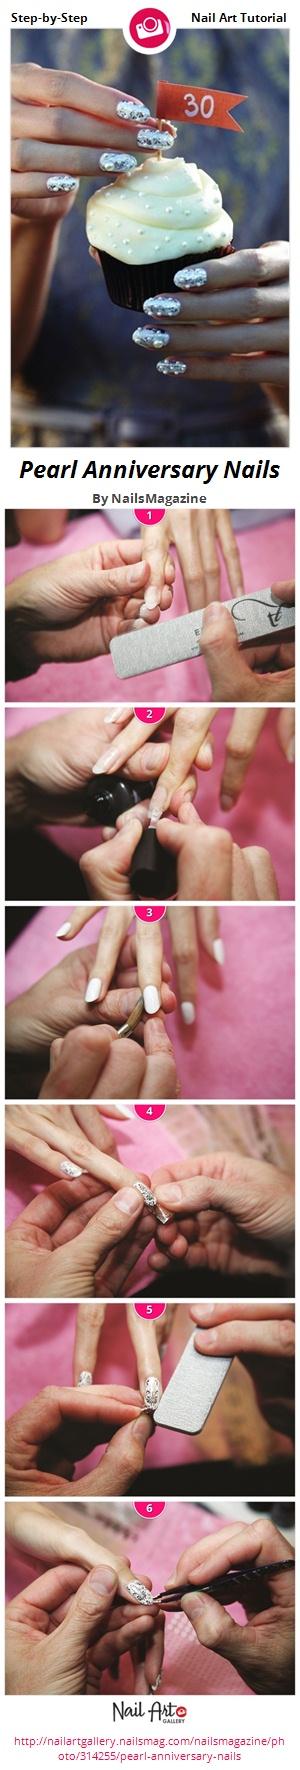 Pearl Anniversary Nails - Nail Art Gallery